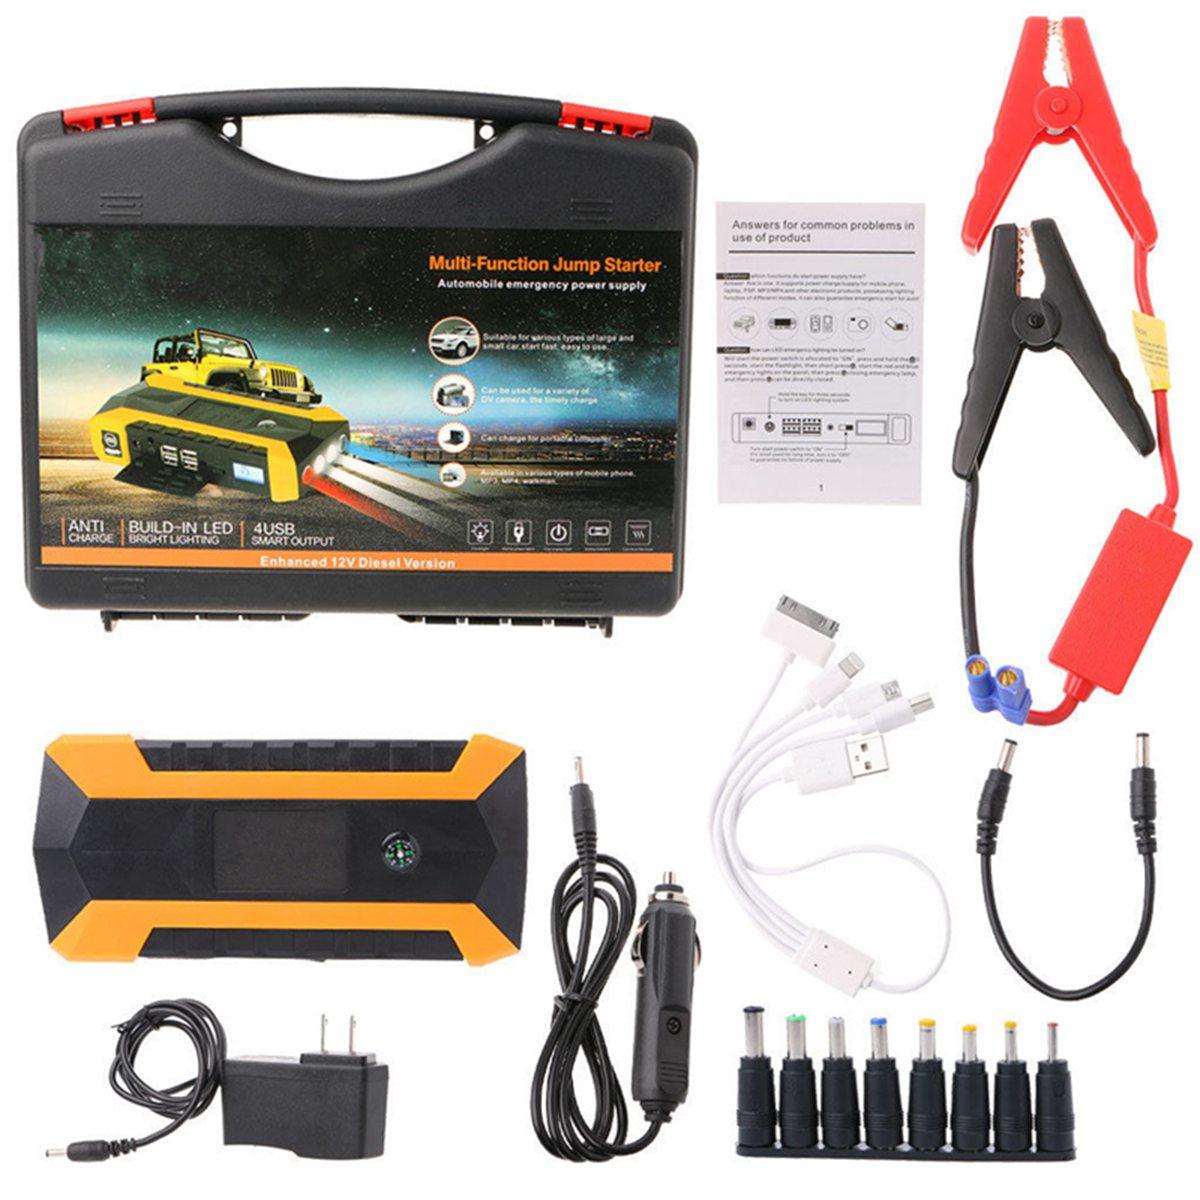 Práctico 89800 mAh 12 V 4USB cargador de batería de coche arranque de arranque del coche Kit de herramientas de Banco de energía para dispositivo de arranque automático